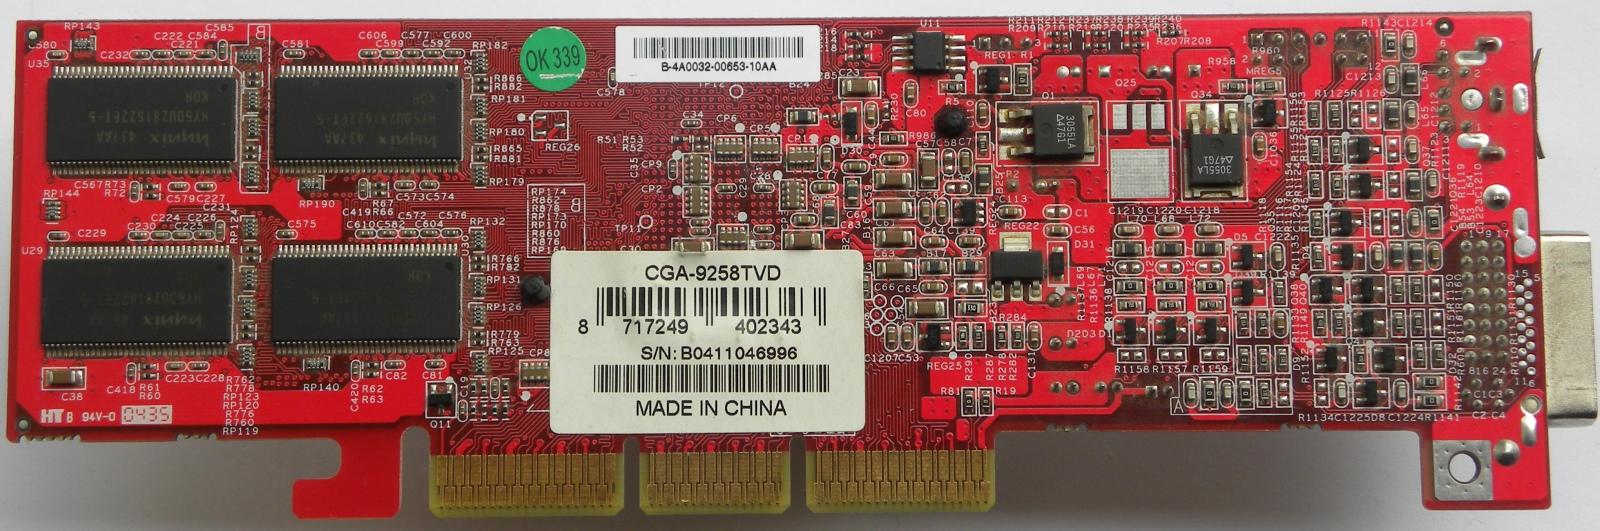 Buy msi rx9250-t128 ati radeon 9250 128mb ddr 64-bit agp video.